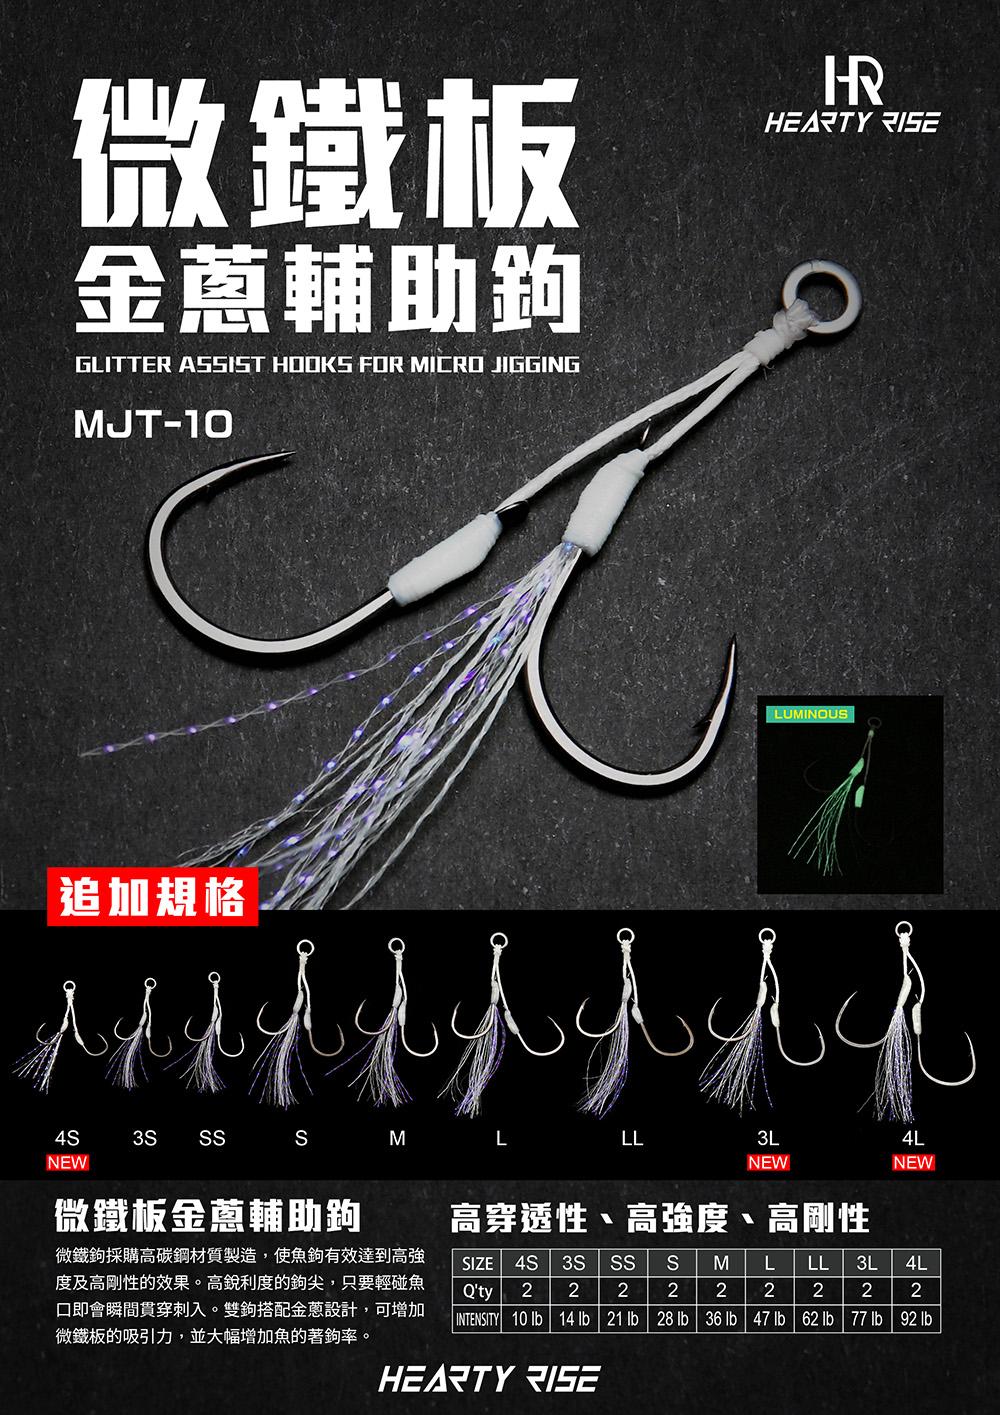 HR 微鐵板金蔥輔助鉤 MJT-10 1000 20200802